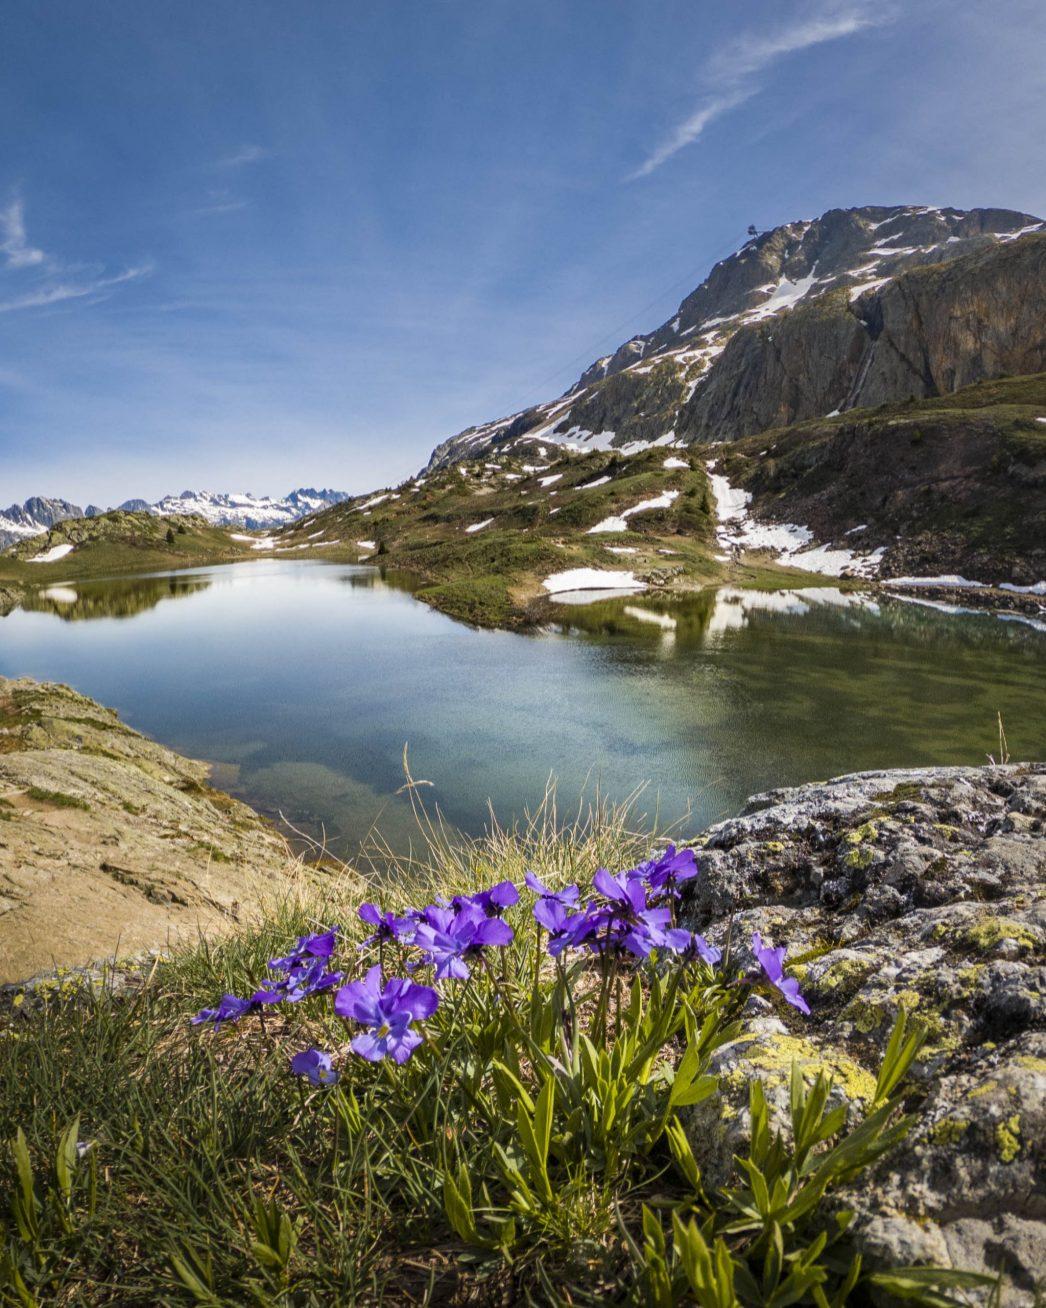 L'un des 5 lacs de l'Alpe d'Huez